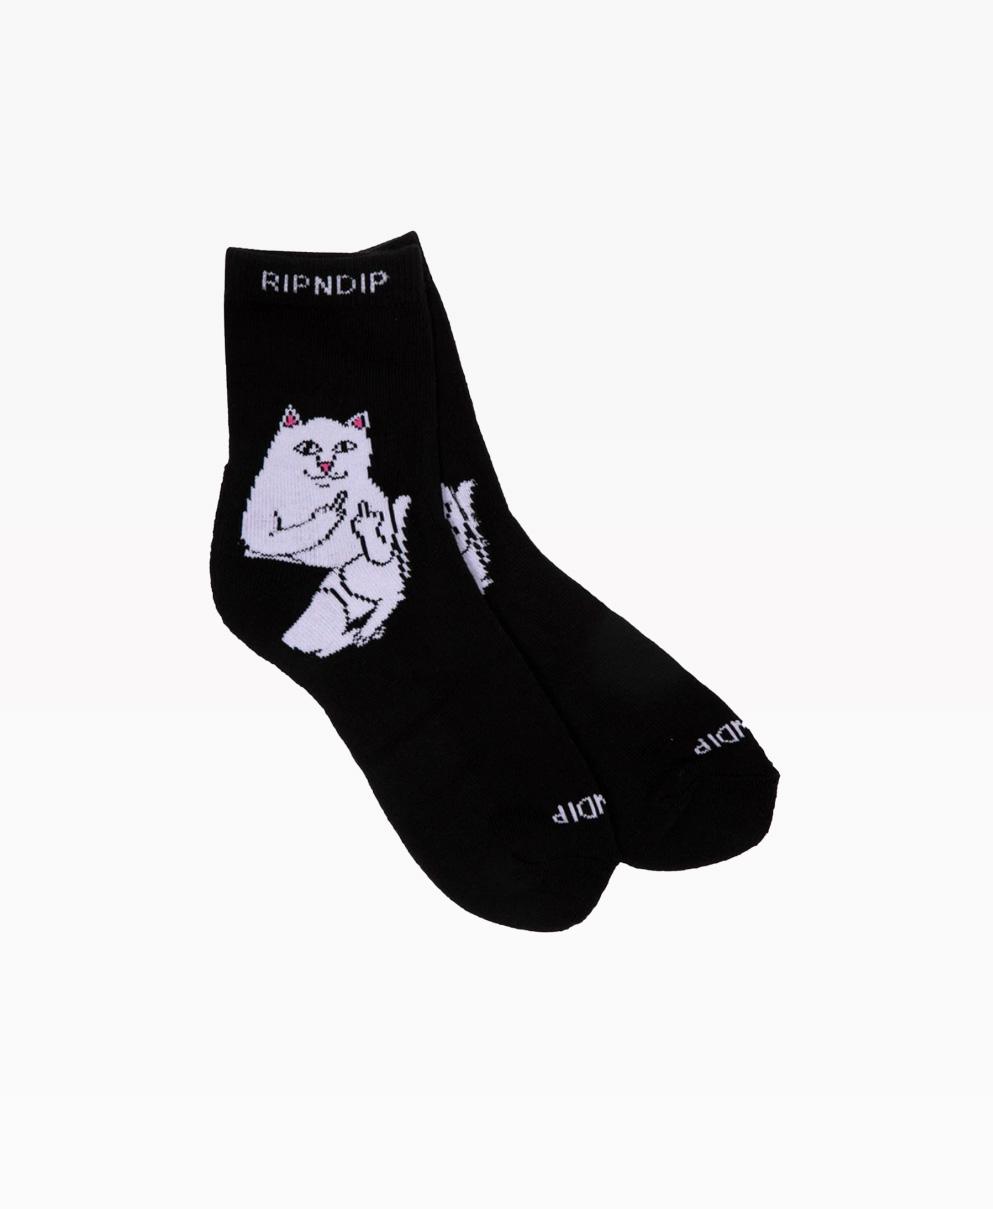 Ripndip Lord Nermal Mid Socks Black Front2